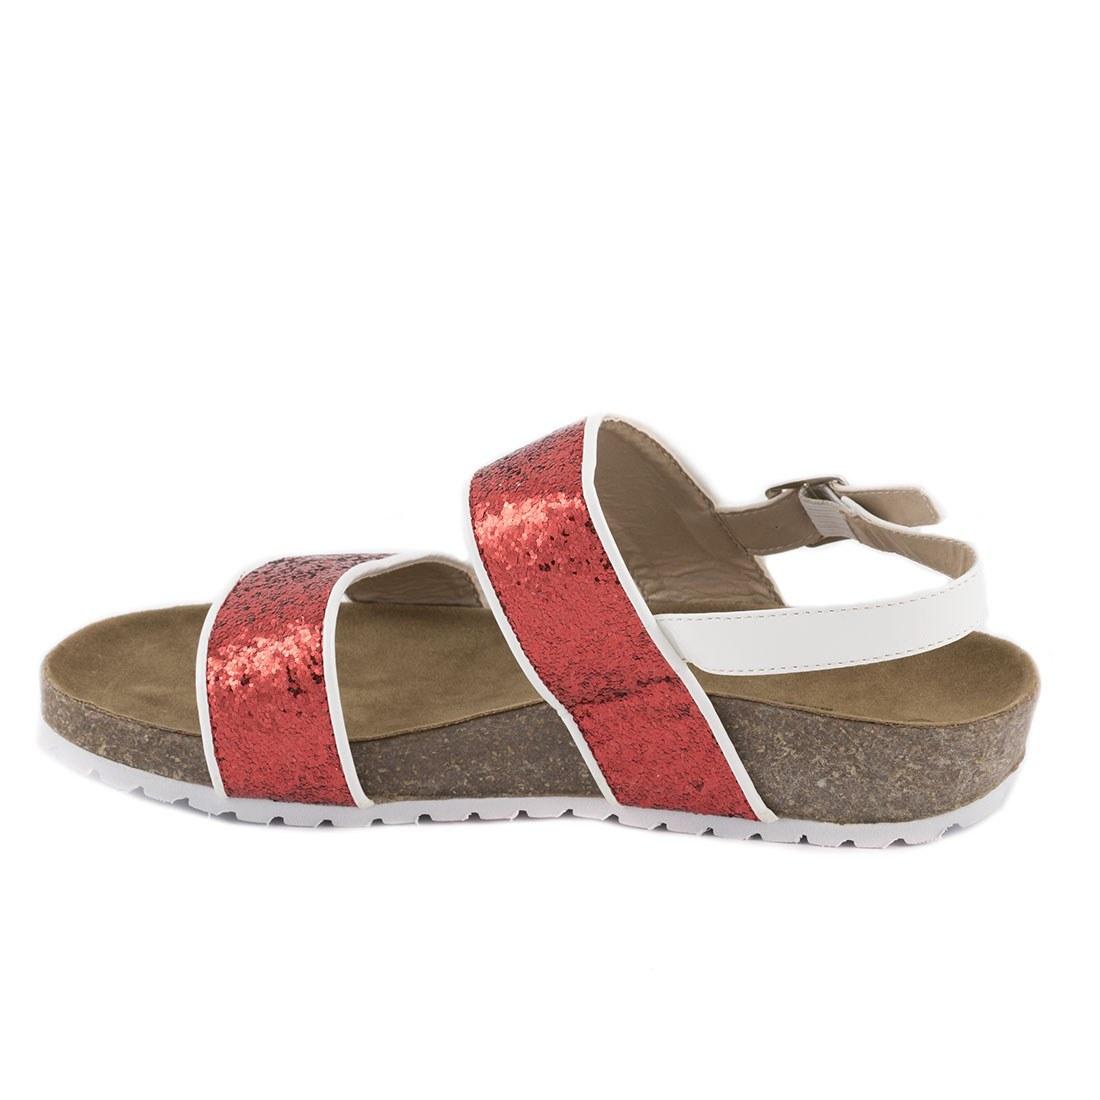 Sandale dama comode 83129-ROSU-GT